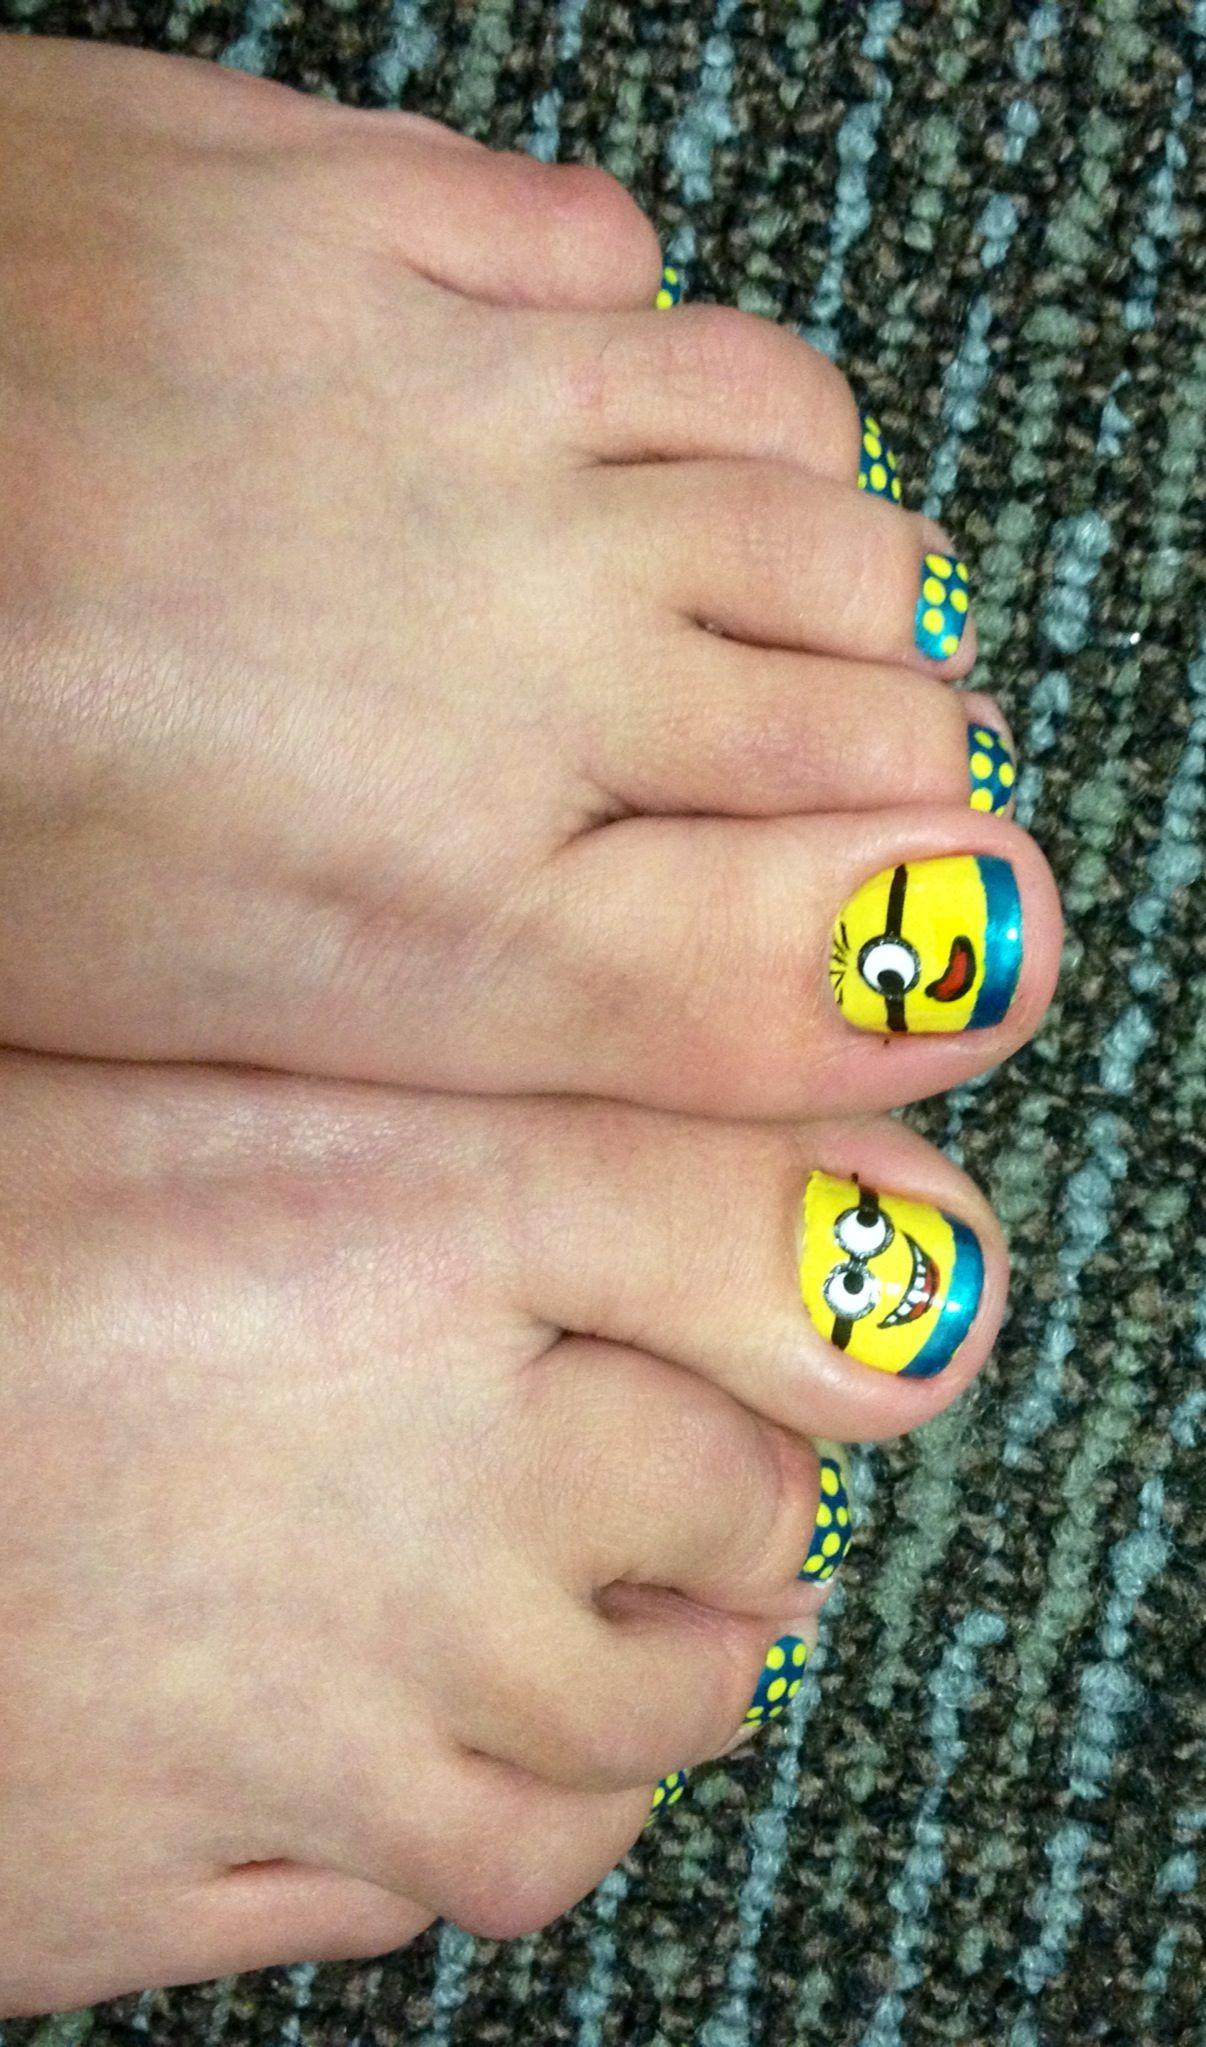 Despicable Me/Minion pedicure | Nails | Pinterest | Pedicures, Toe ...